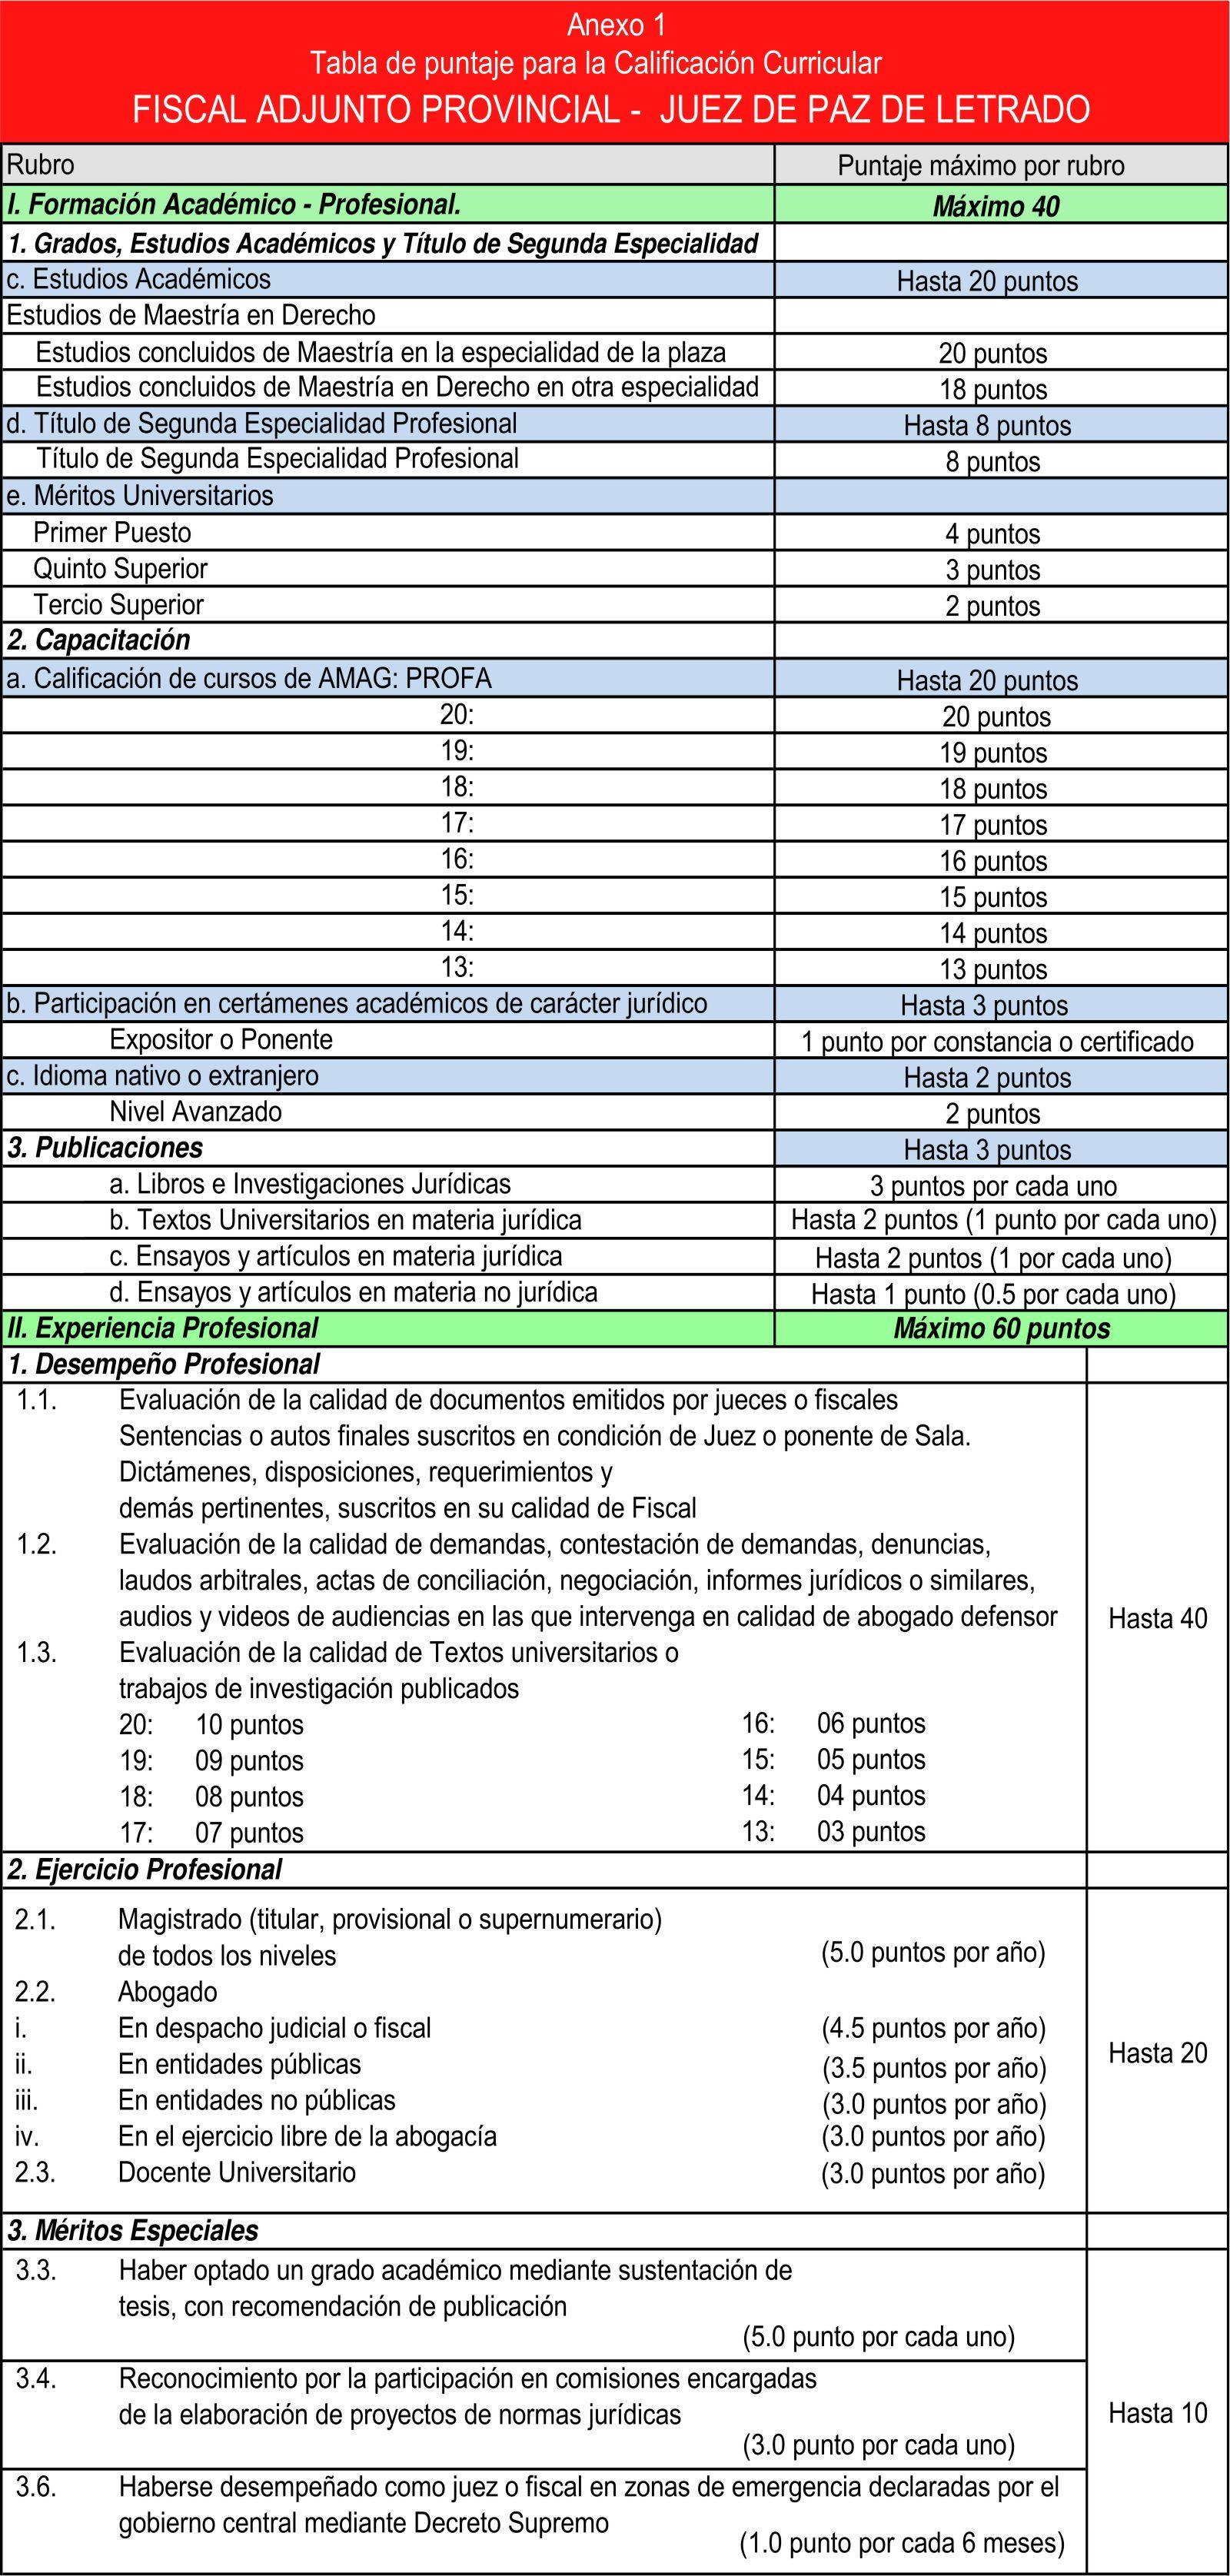 Tablas de puntaje para la Calificación Curricular para los Concursos para el Acceso Abierto en la Selección y Nombramiento de jueces y fiscales